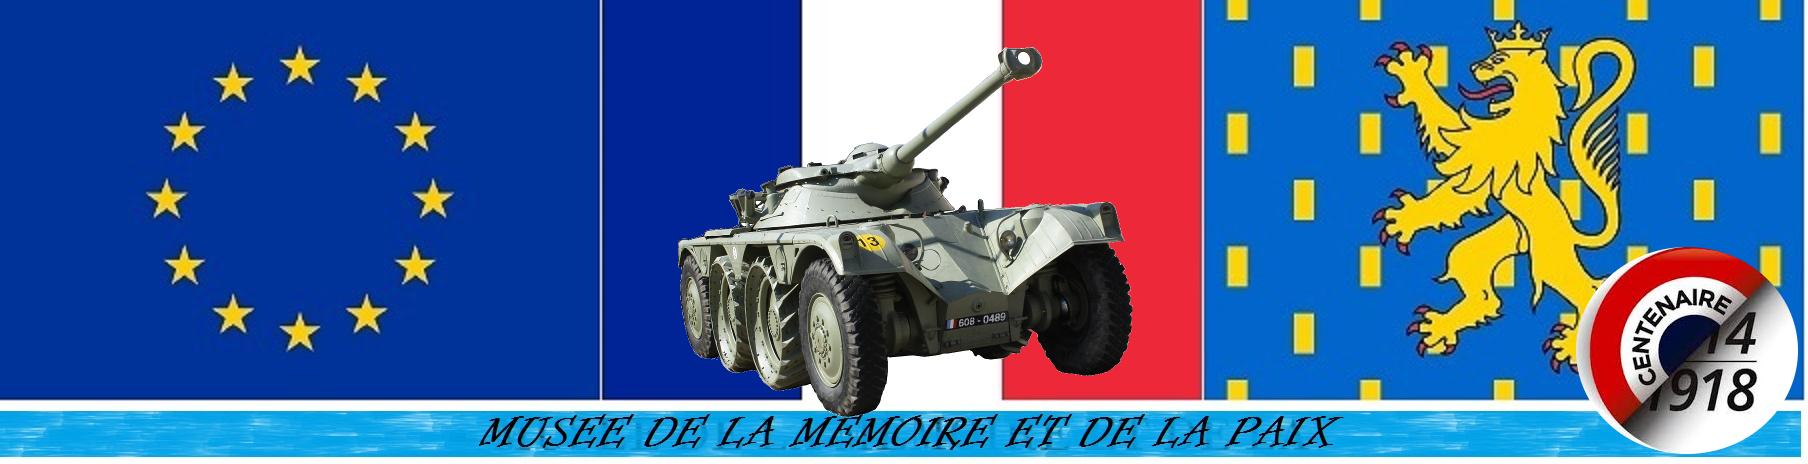 site gratuit de rencontres Bourg-en-Bresse